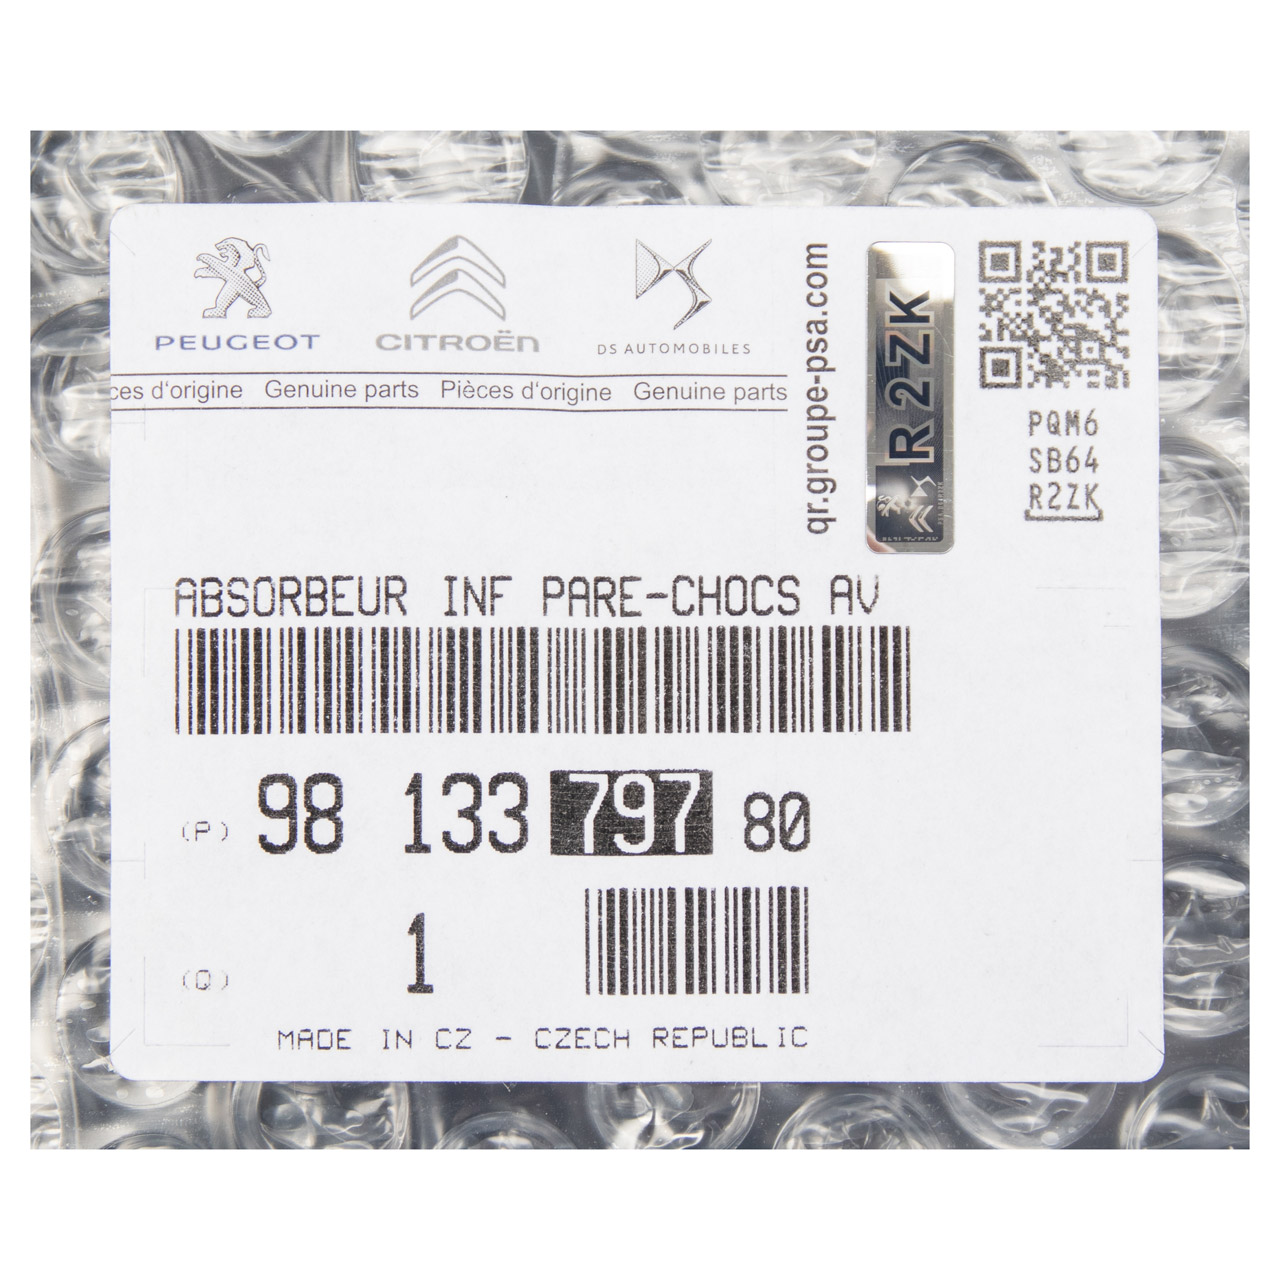 ORIGINAL Citroen Aufprallschutz Stoßstangenverstärkung C3 III vorne 9813379780